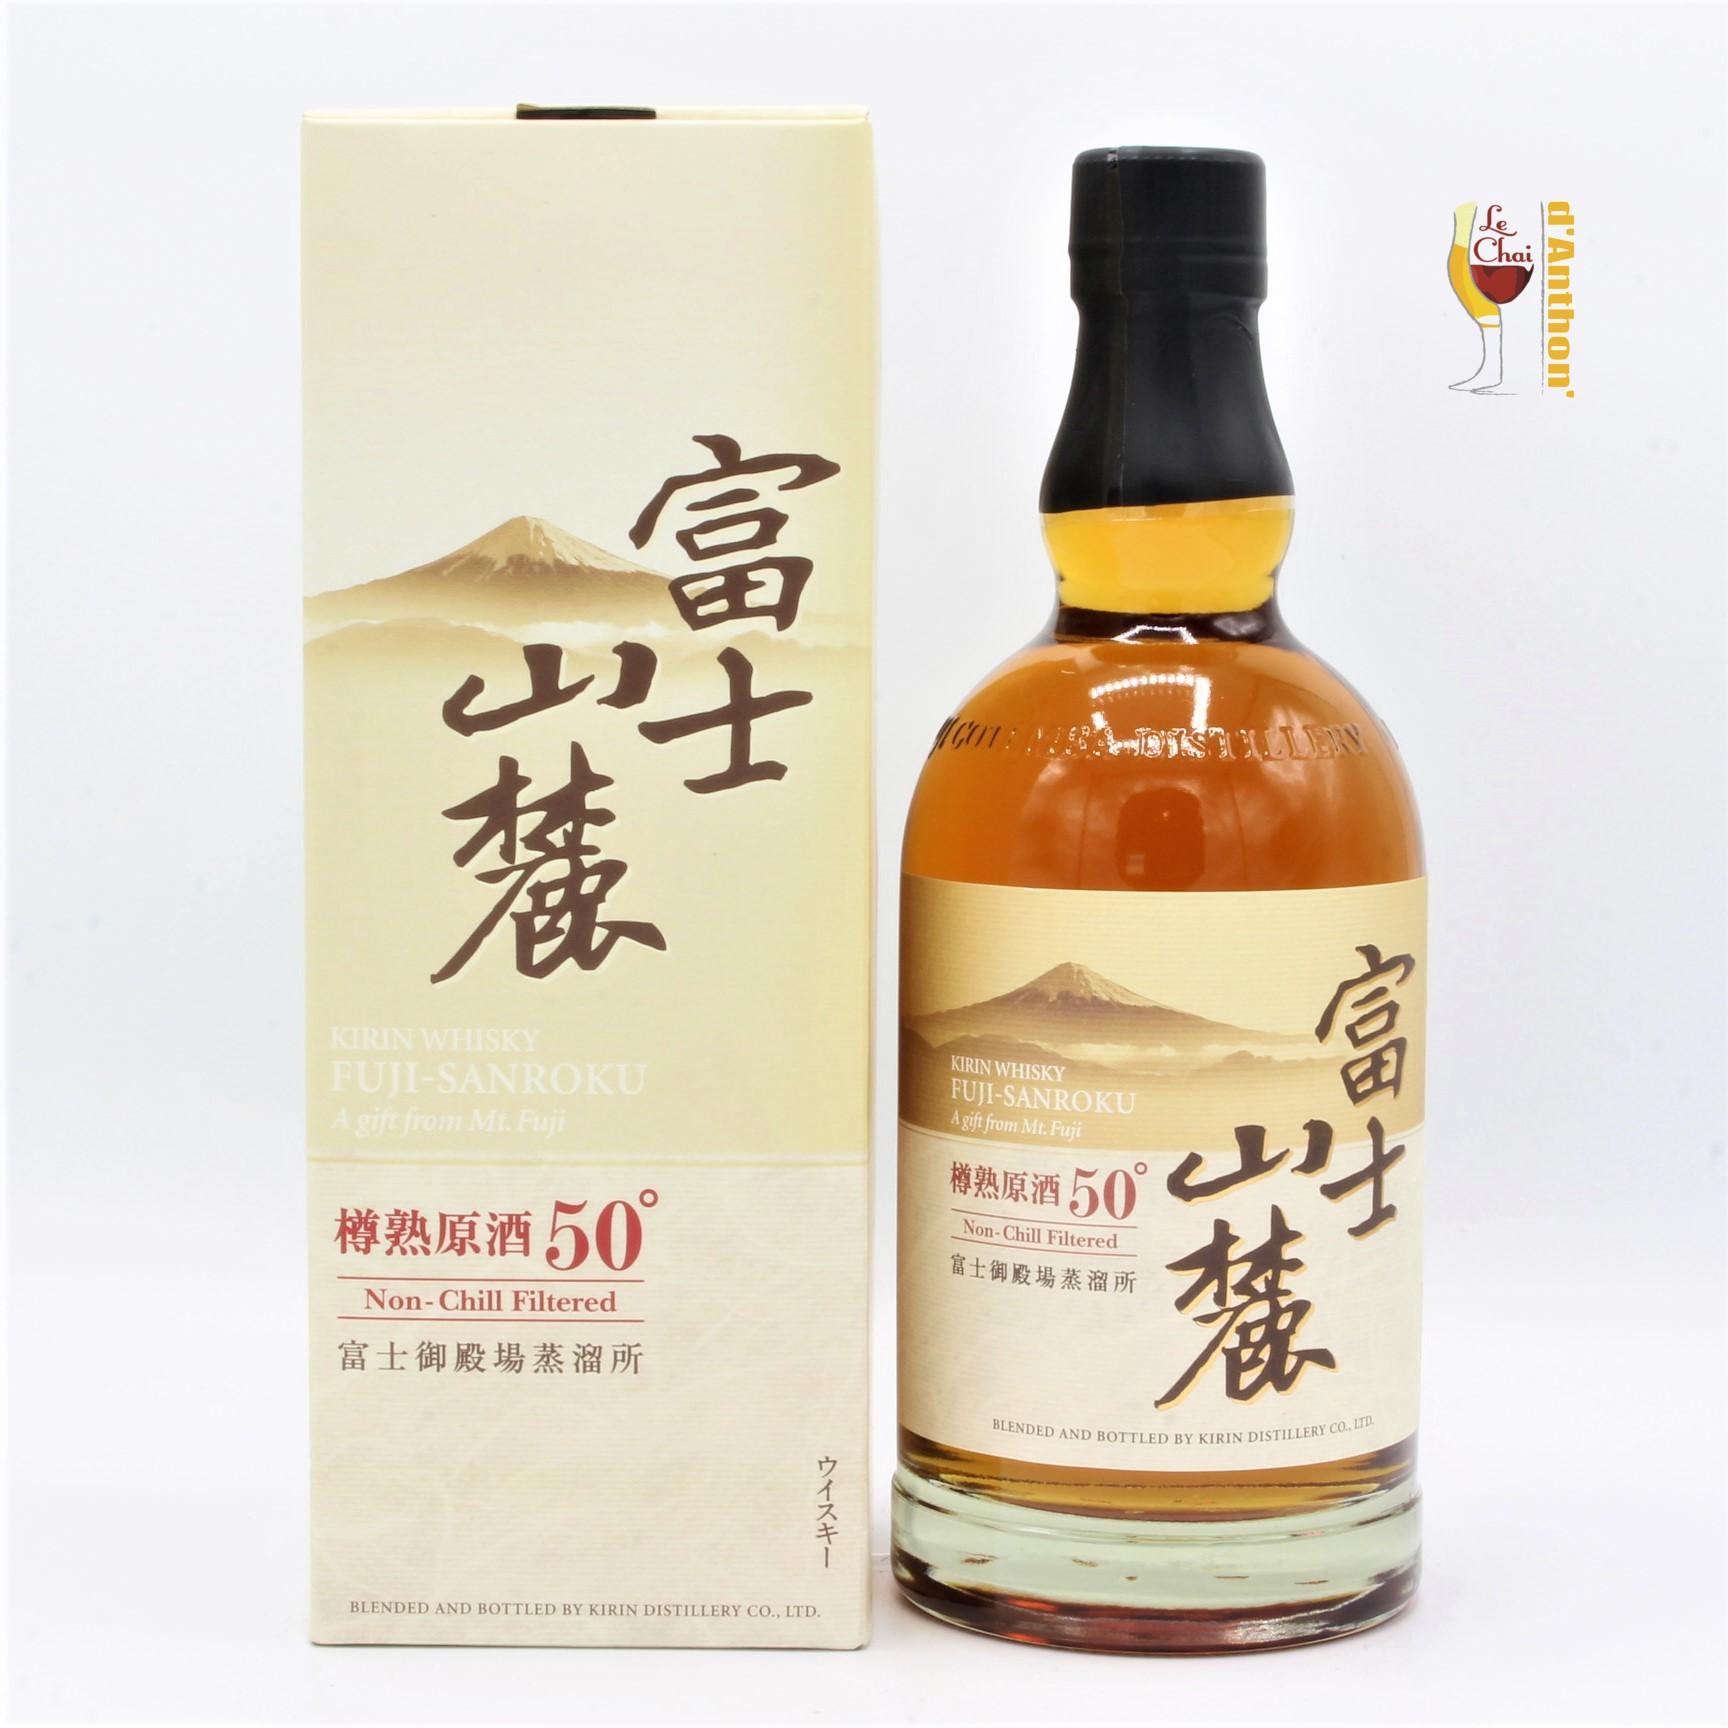 Spiritueux Whiskies Blend Japonais Fuji Sanroku 70cl